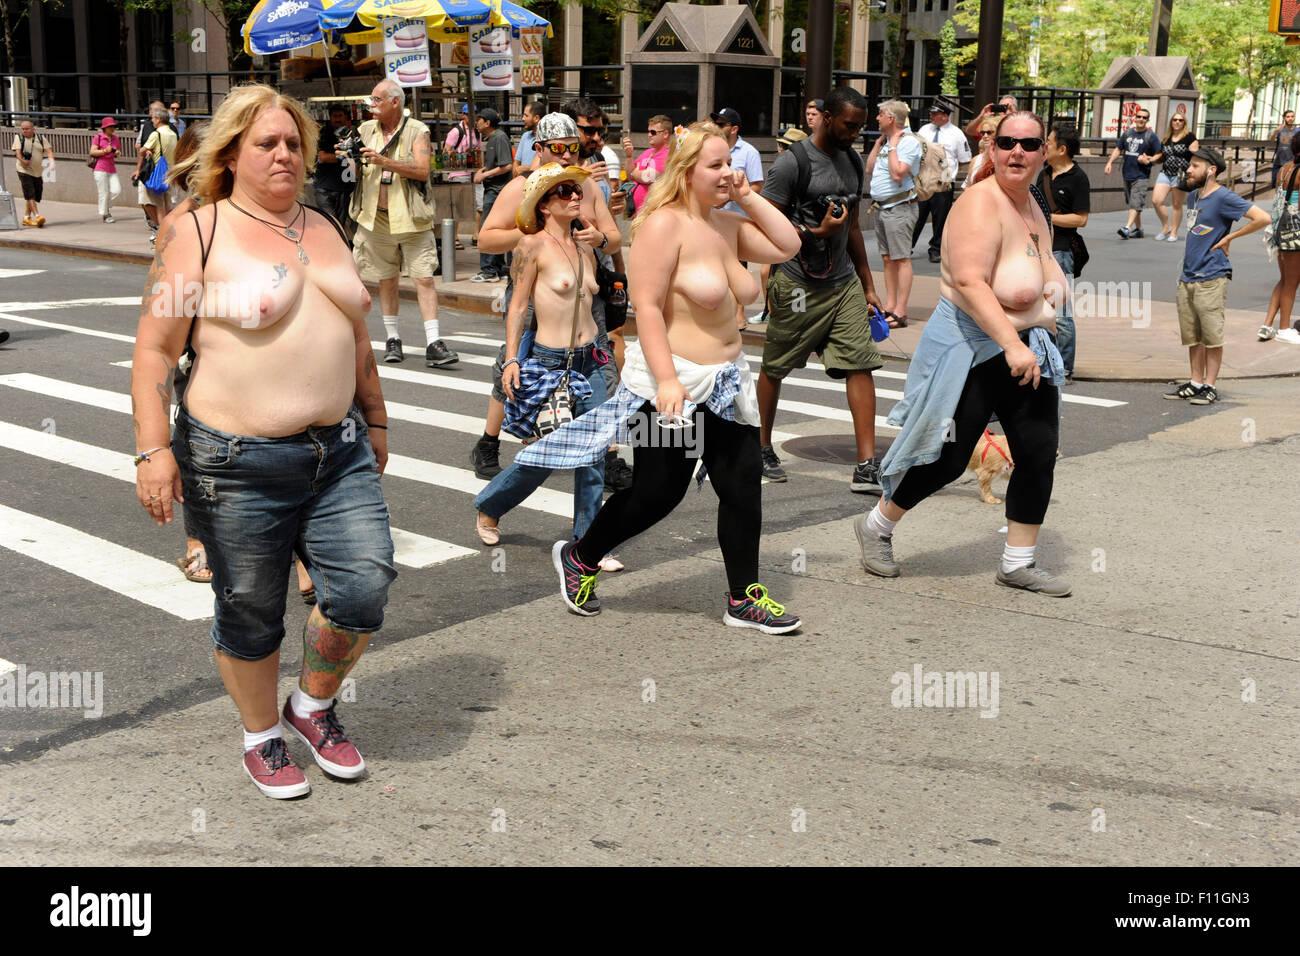 New York City 23 August 2015 Frauen Nackt Ihre Nackte Brust Da